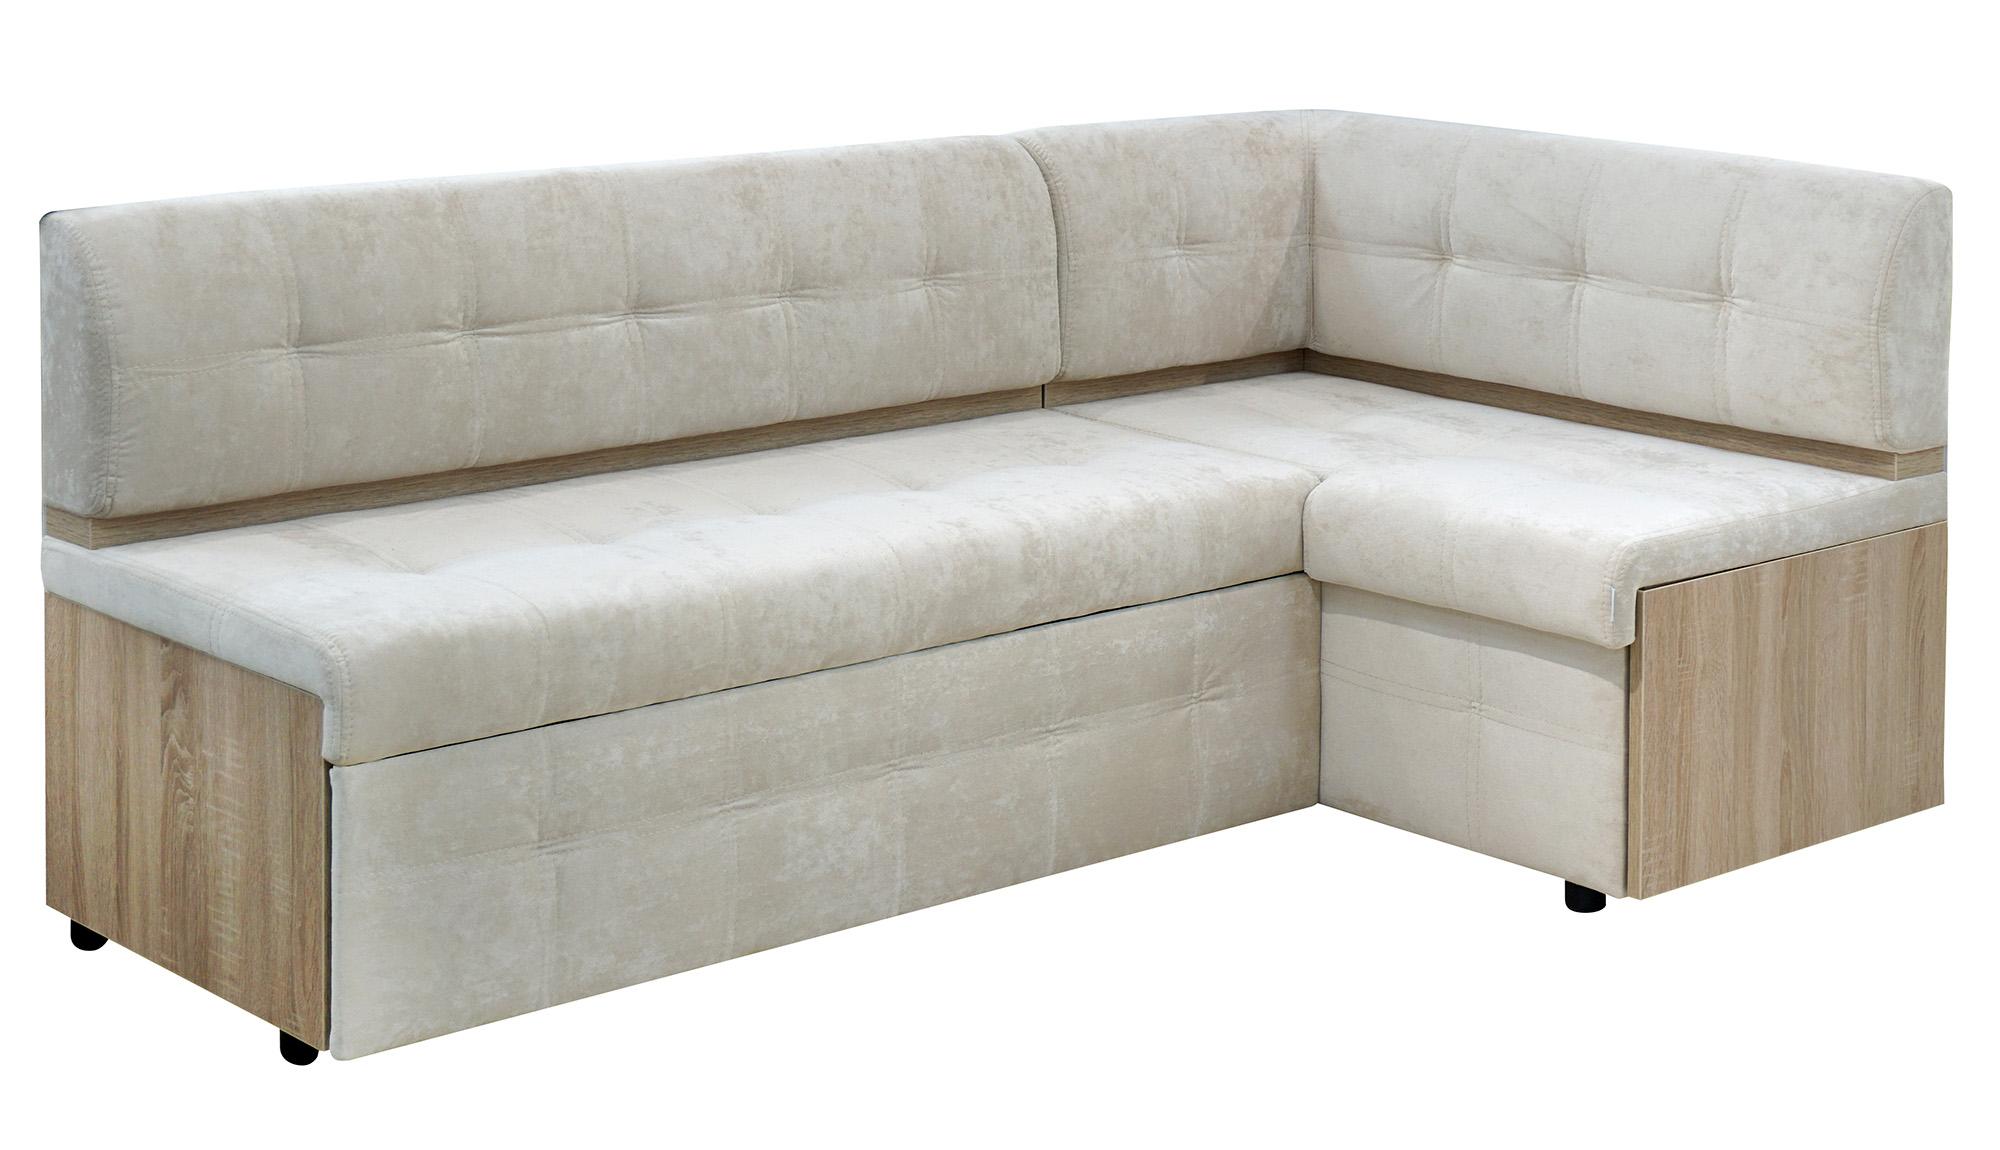 купить кухонный уголок угловой диван для кухни со спальным местом в